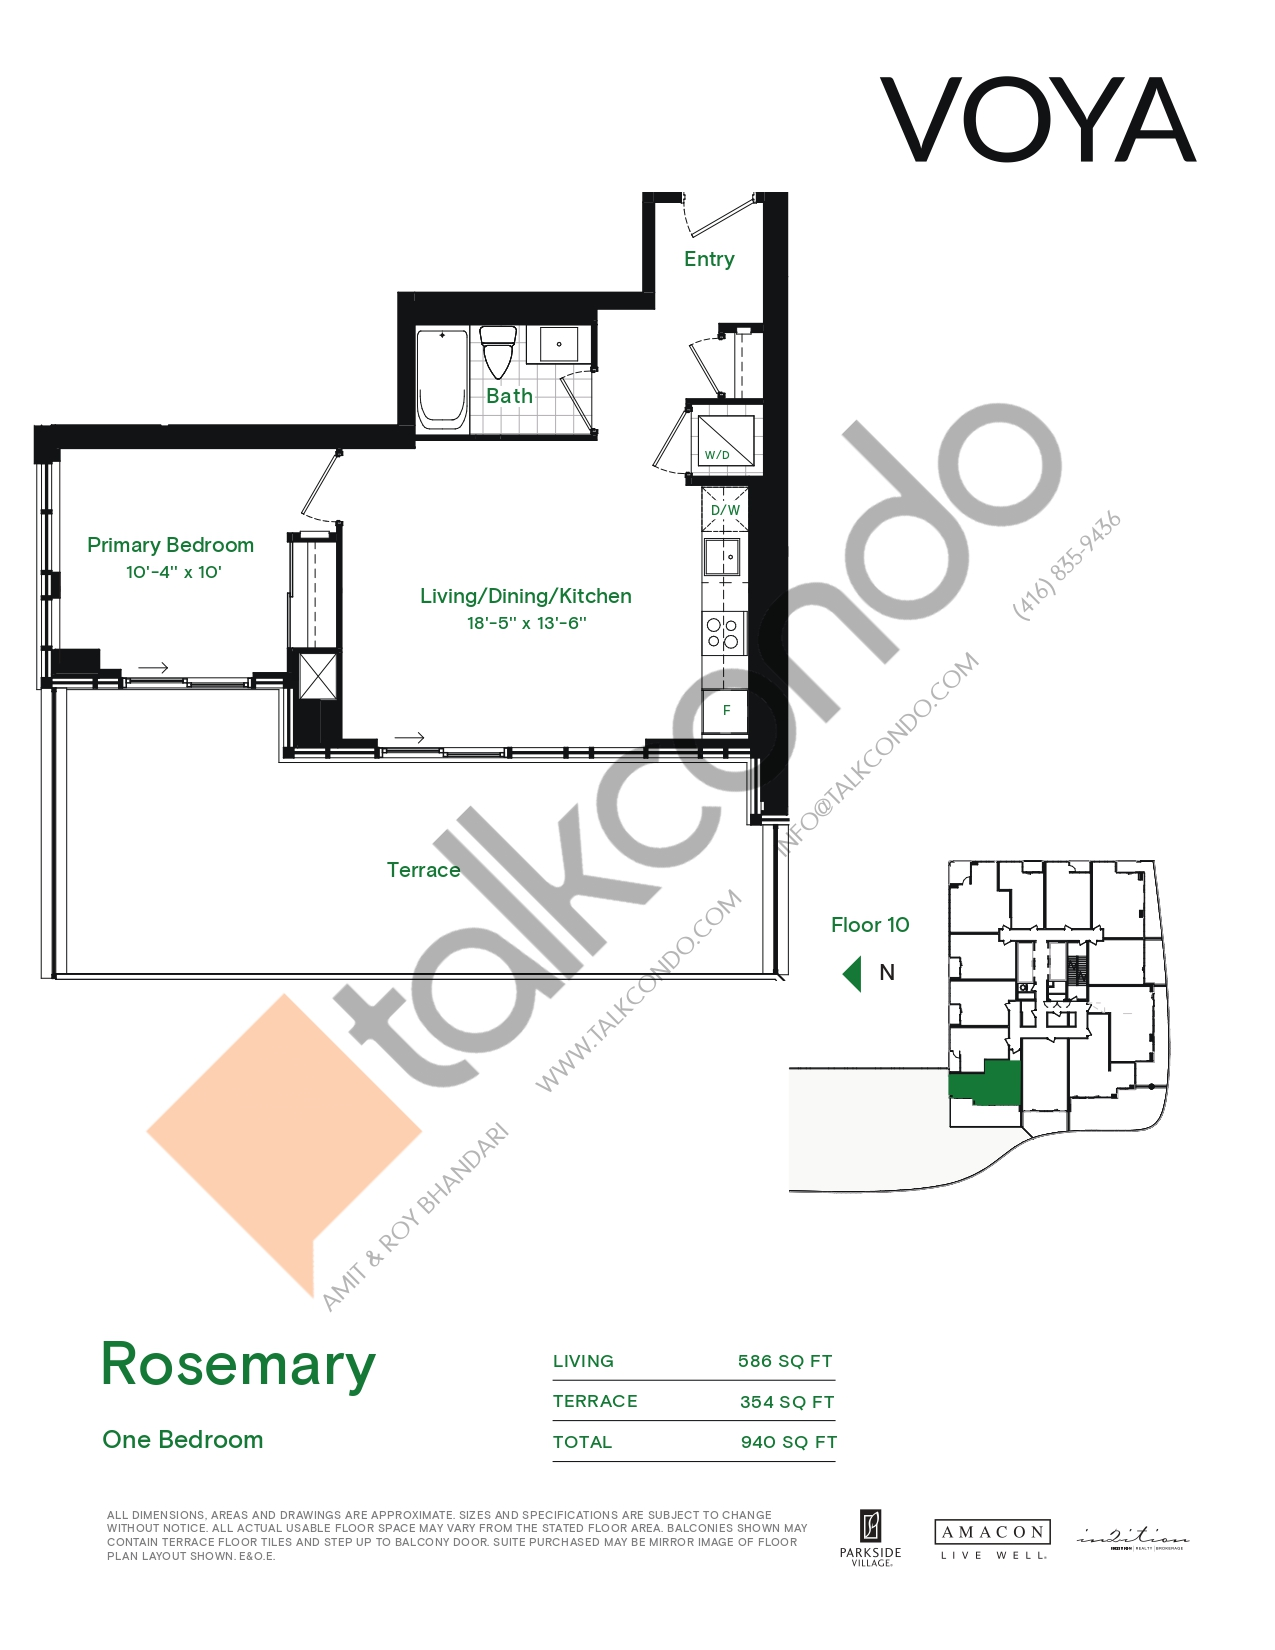 Rosemary (Podium) Floor Plan at Voya at Parkside Village Condos - 586 sq.ft